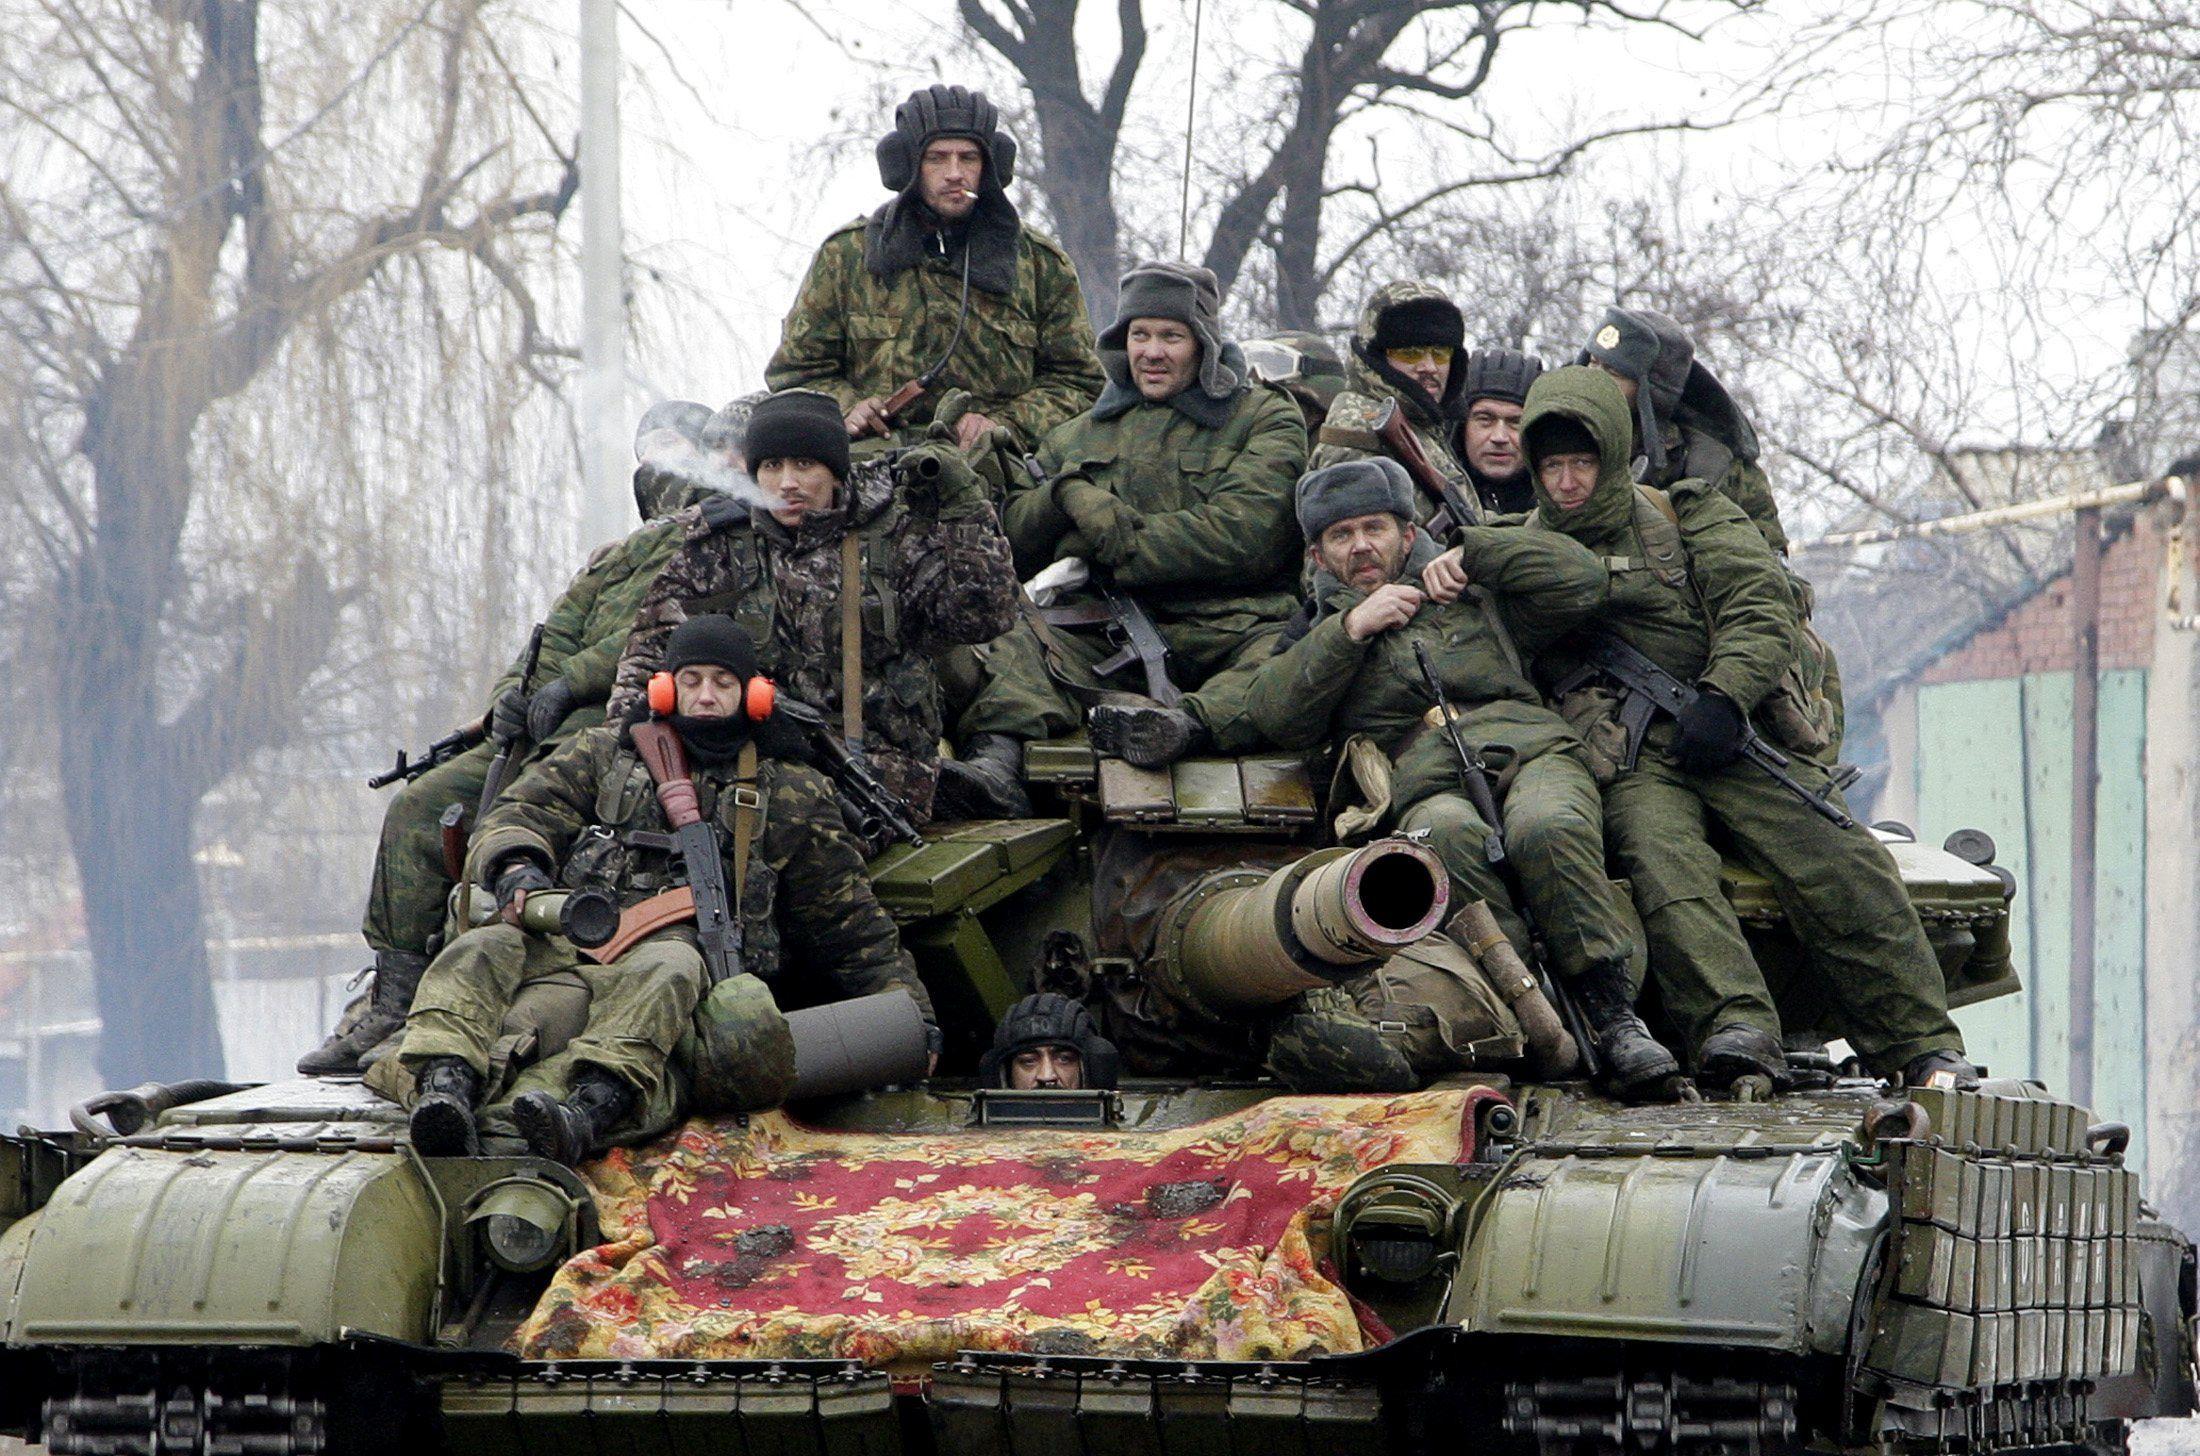 Танк боевиков, иллюстрация